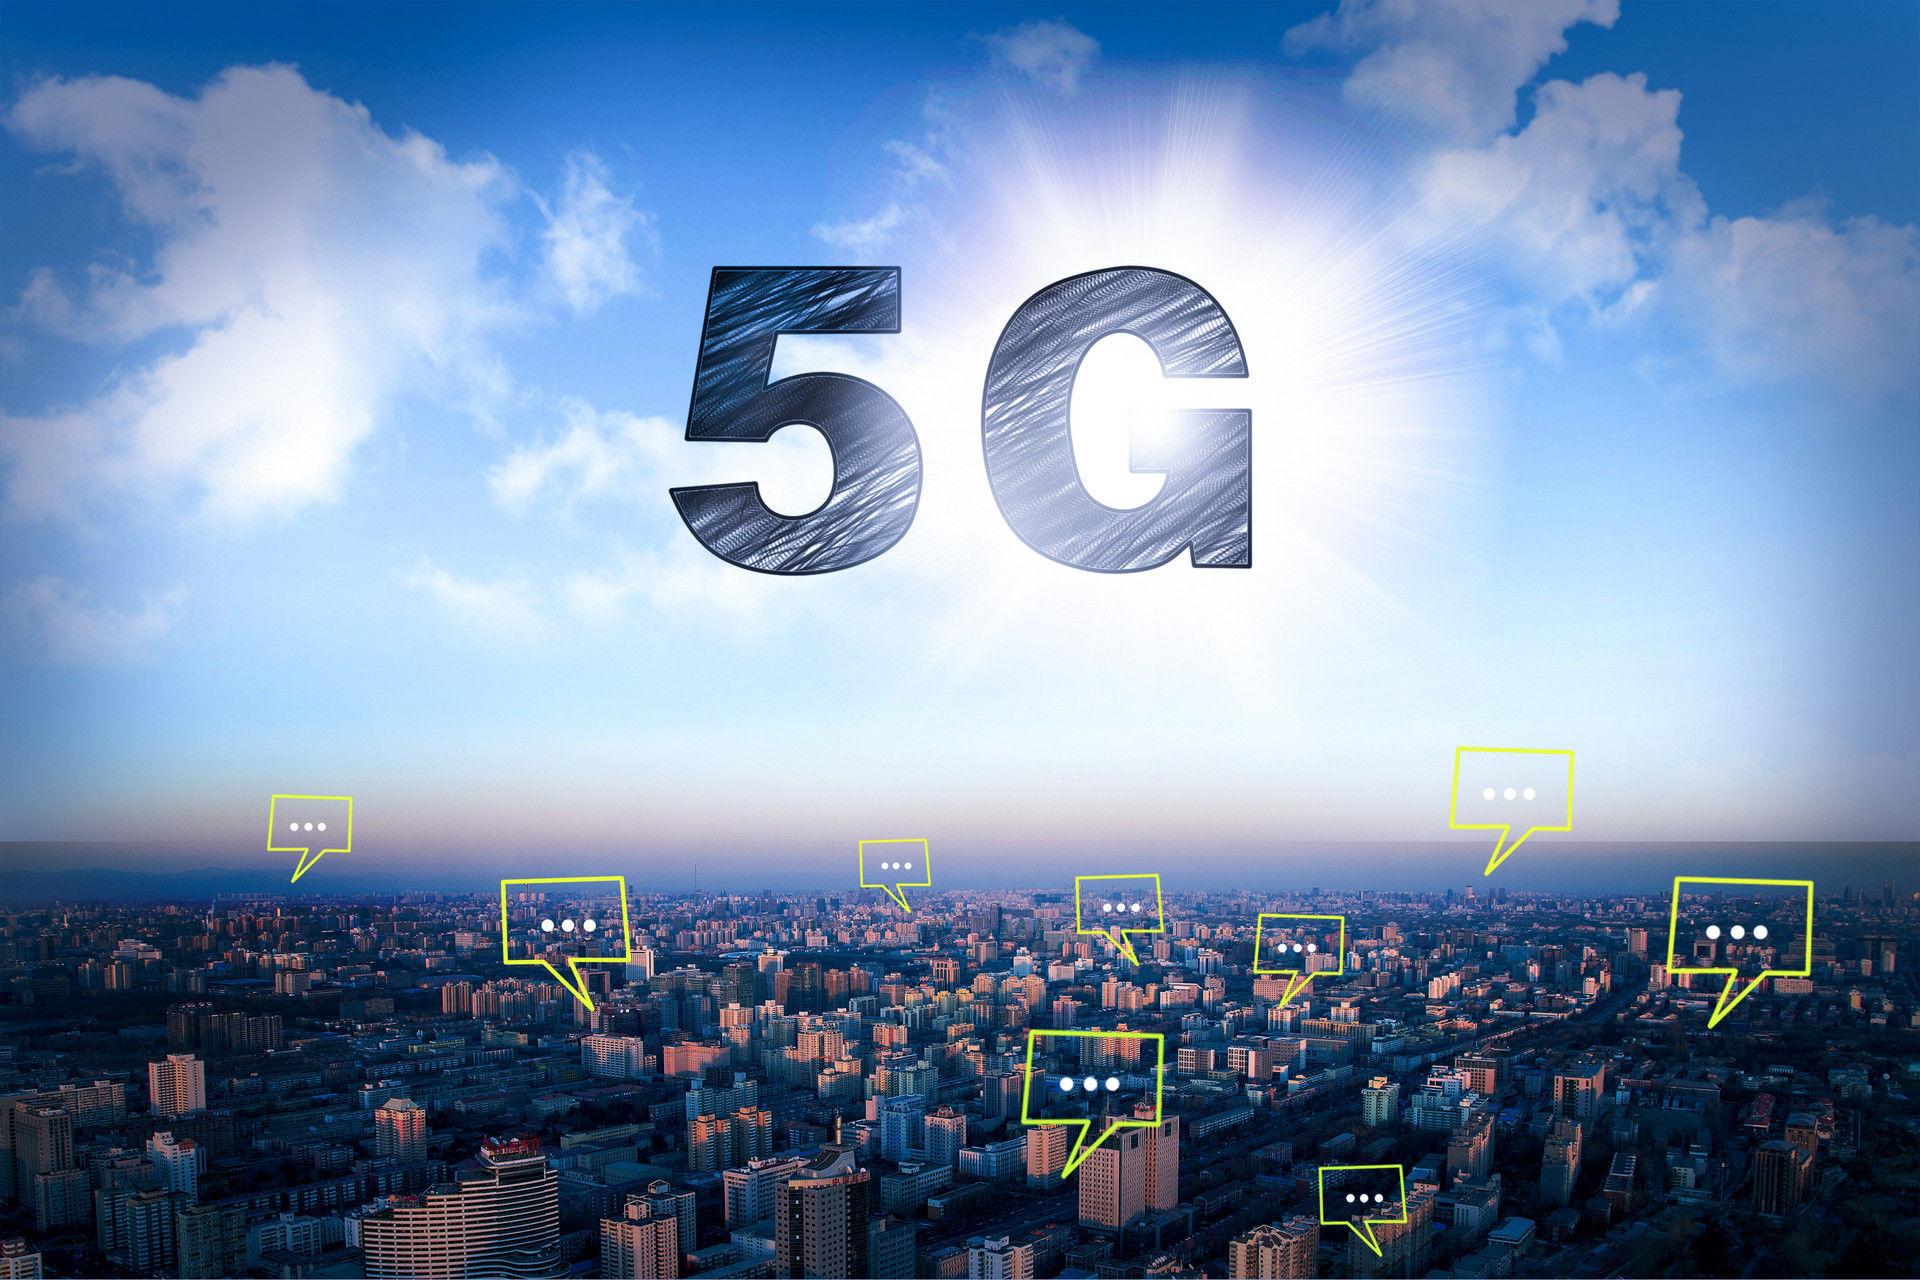 山东济南新闻视频_青岛入围全国首批5G城市 5G服务将于9月底前推出_青岛频道_凤凰网